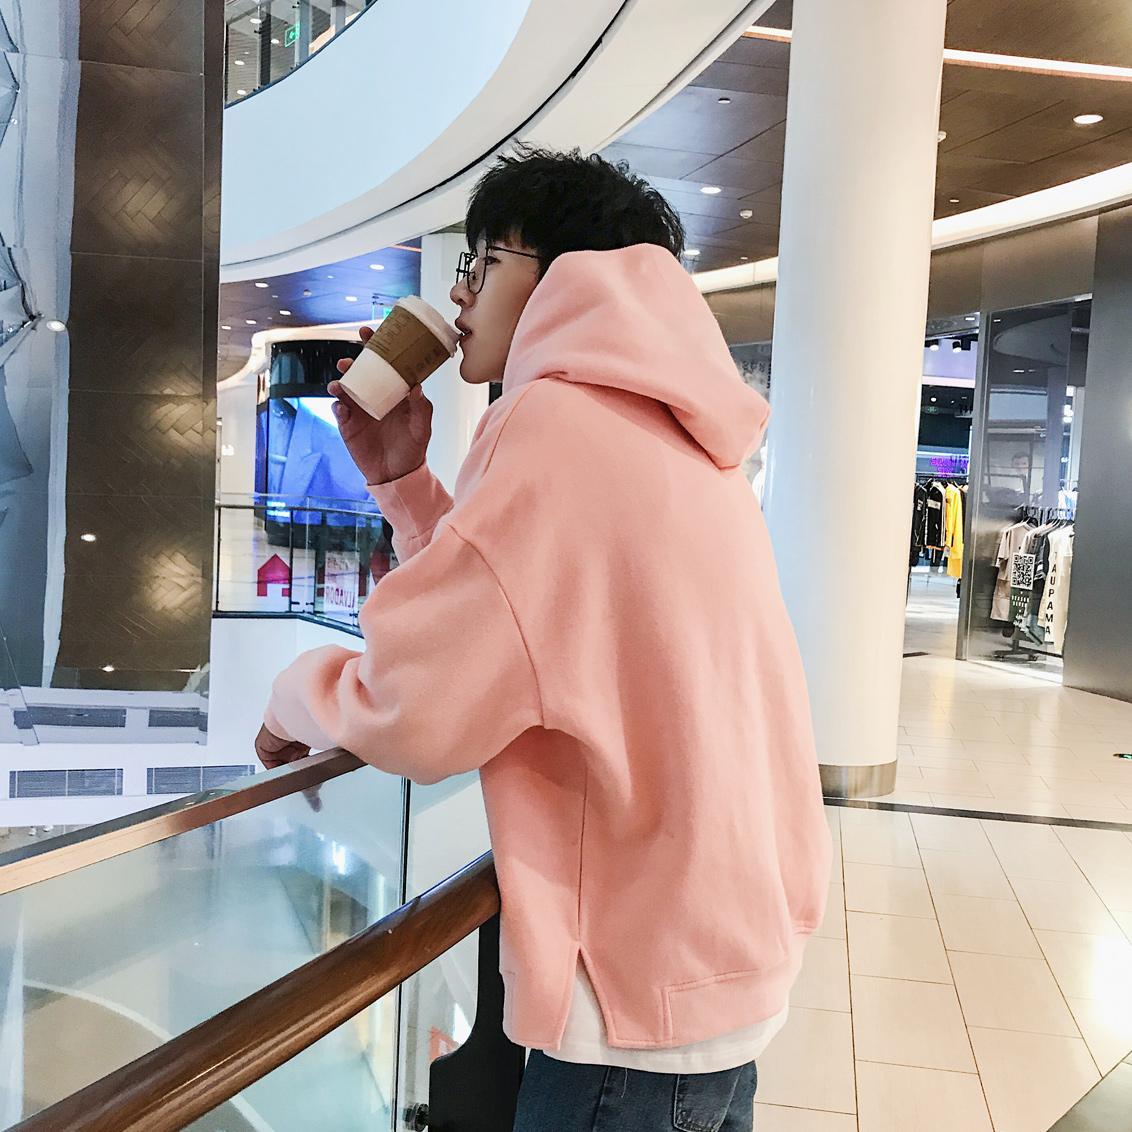 秋季2017新款加绒连帽卫衣男士韩版潮流粉色学生外套长袖套头衣服